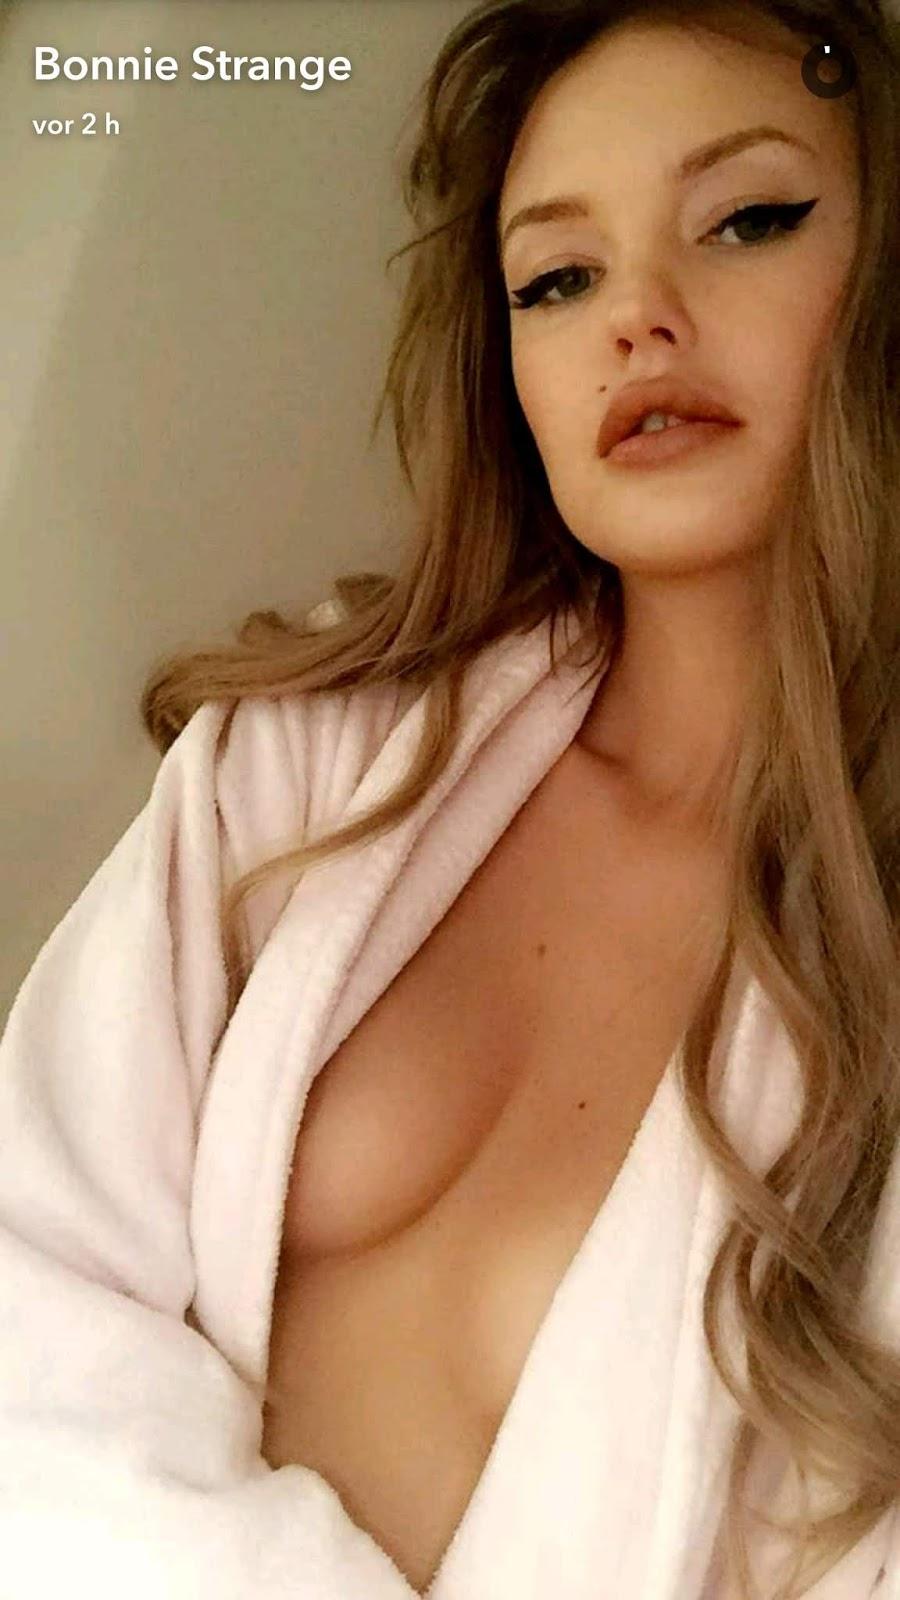 Bonnie Strange Porno